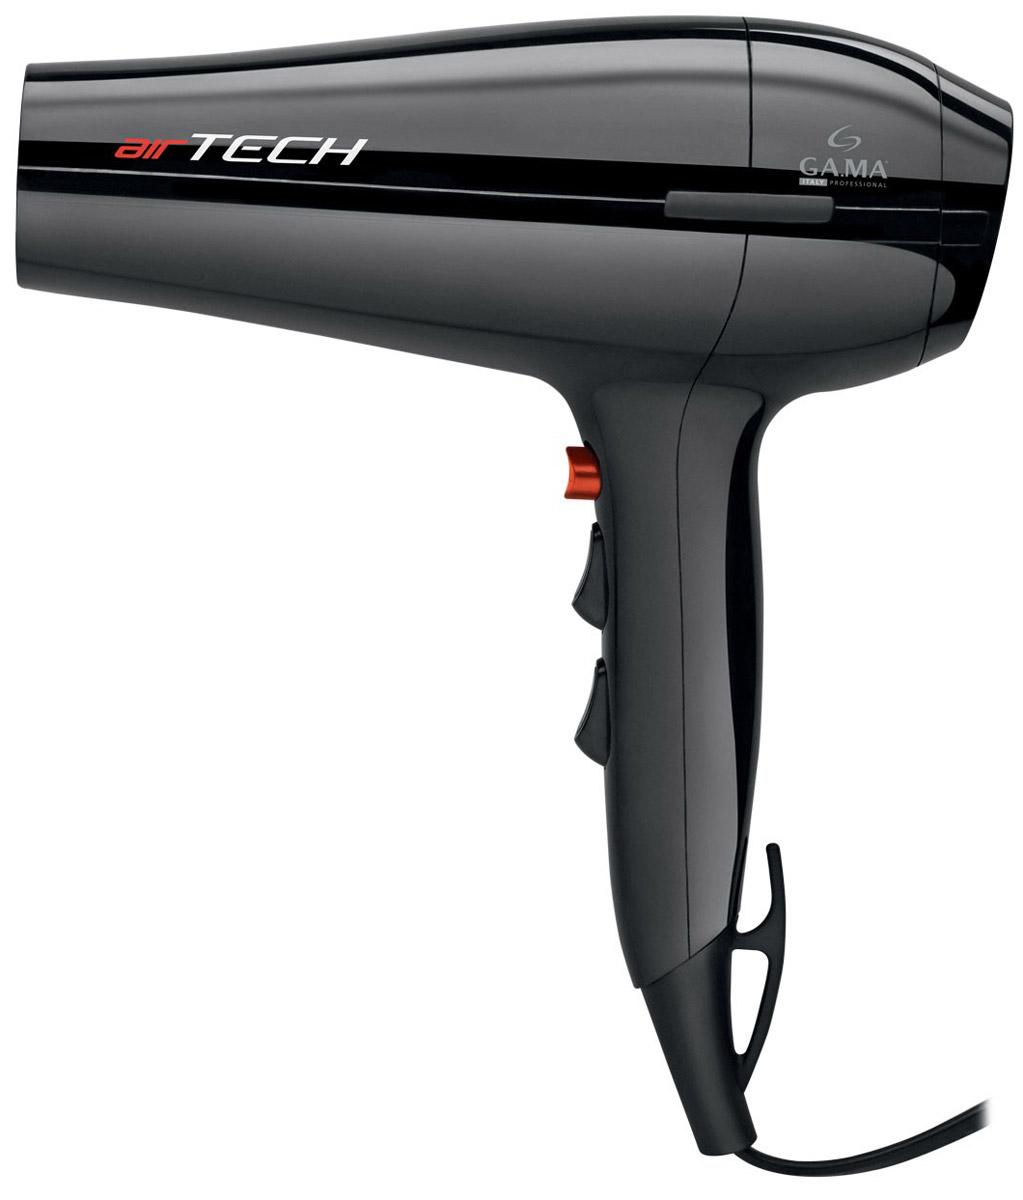 GA.MA Airtech, Black фенA21.AIRTECH.NRС феном для волос GA.MA Airtech вы не только быстро высушите волосы, но и сделаете превосходную укладку как для вьющихся, так и для прямых волос, используя диффузор или насадку-концентратор. Фен обладает высокой мощностью 2300 Вт и оснащен мотором DC, благодаря которому он такой легкий и маневренный. Этот фен идеально подходит для домашнего использования. Вы можете выбрать наиболее подходящий из 6 режимов сушки, комбинируя 2 скорости и 3 температурных режима, в зависимости от того нужна вам быстрая сушка или деликатный уход за волосами. Для фиксации укладки используйте кнопку «холодный обдув», которая дает возможность моделировать локоны руками под потоком холодного воздуха. При использовании диффузора поток горячего воздуха будет не слишком агрессивный и рассеянный, что идеально подходит для придания формы и объема волнистым волосам. Рекомендуется использовать насадку- концентратор для прямых волос и более быстрой сушки. На шнуре фена есть удобное...